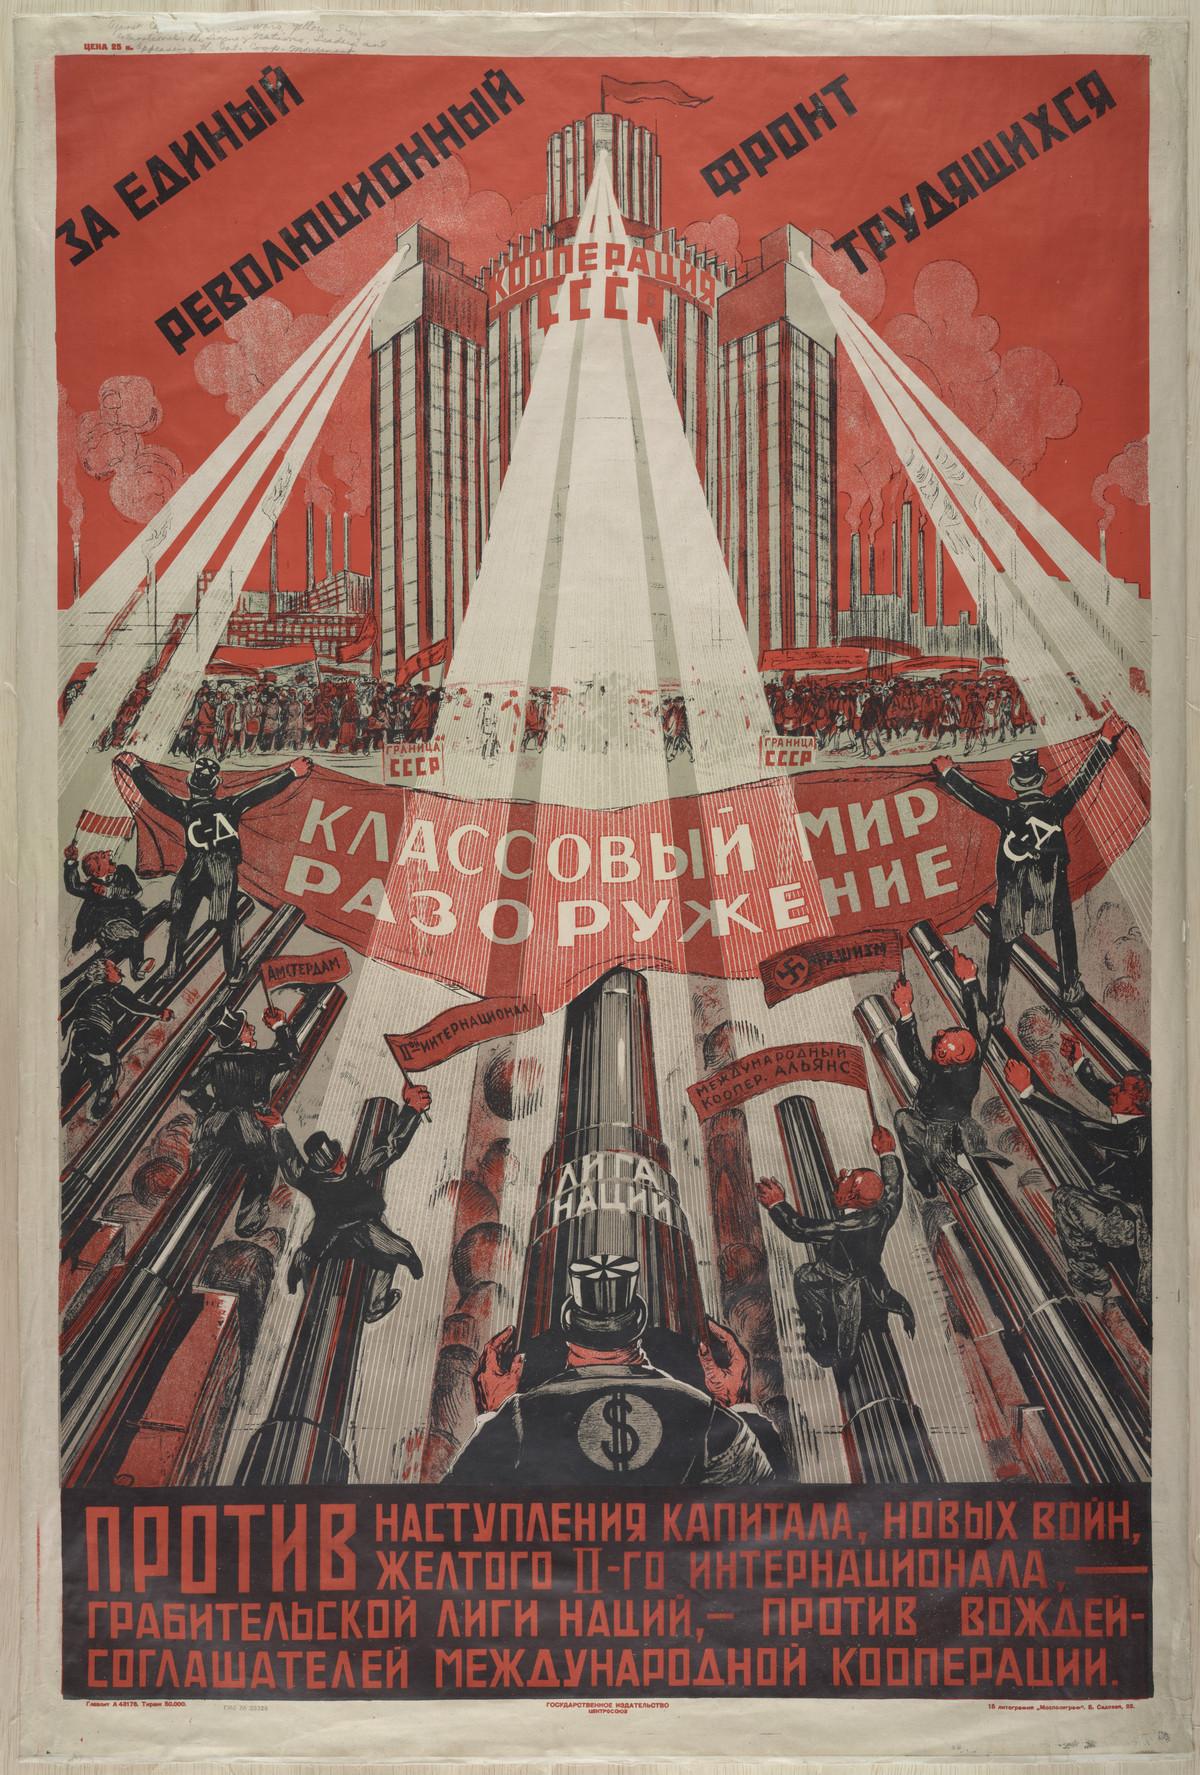 Плакаты с коммунистической идеологией 1919-1989 годов 70